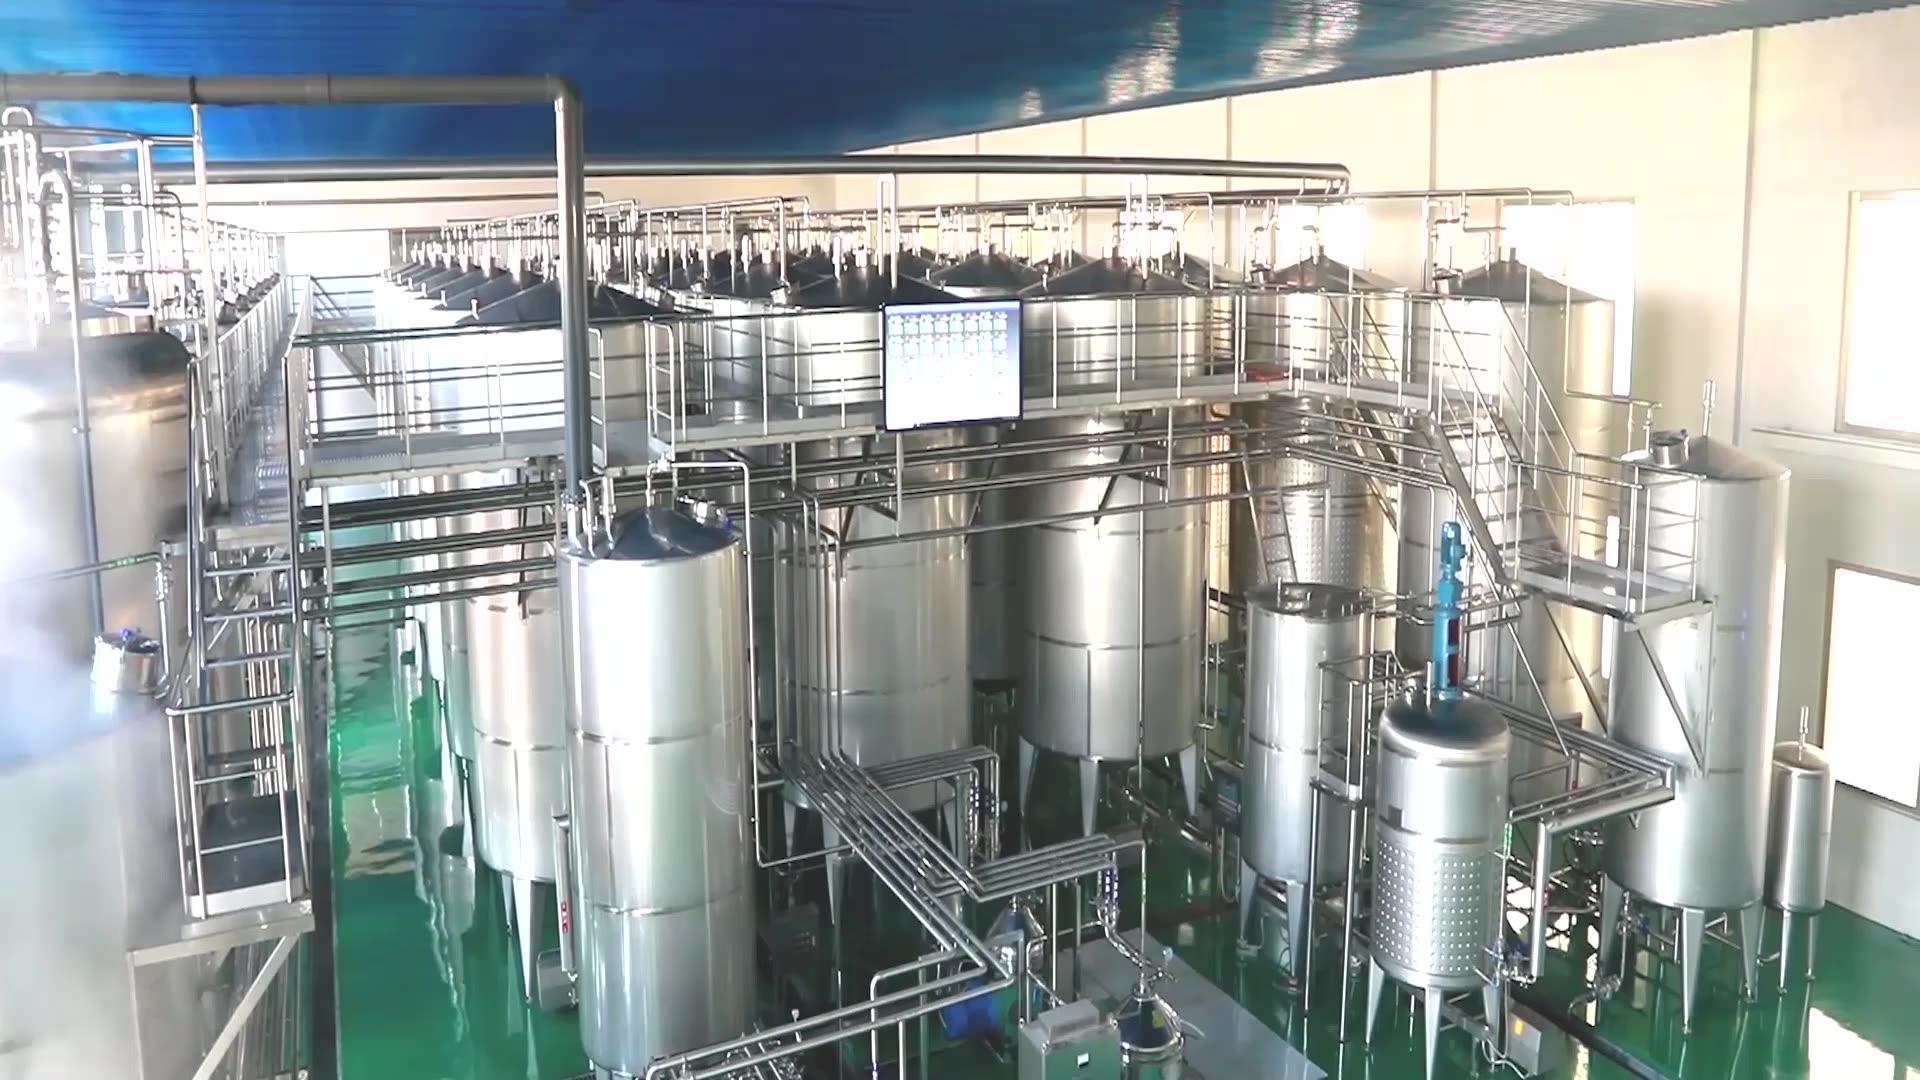 100% 純粋な天然リンゴ酢工場